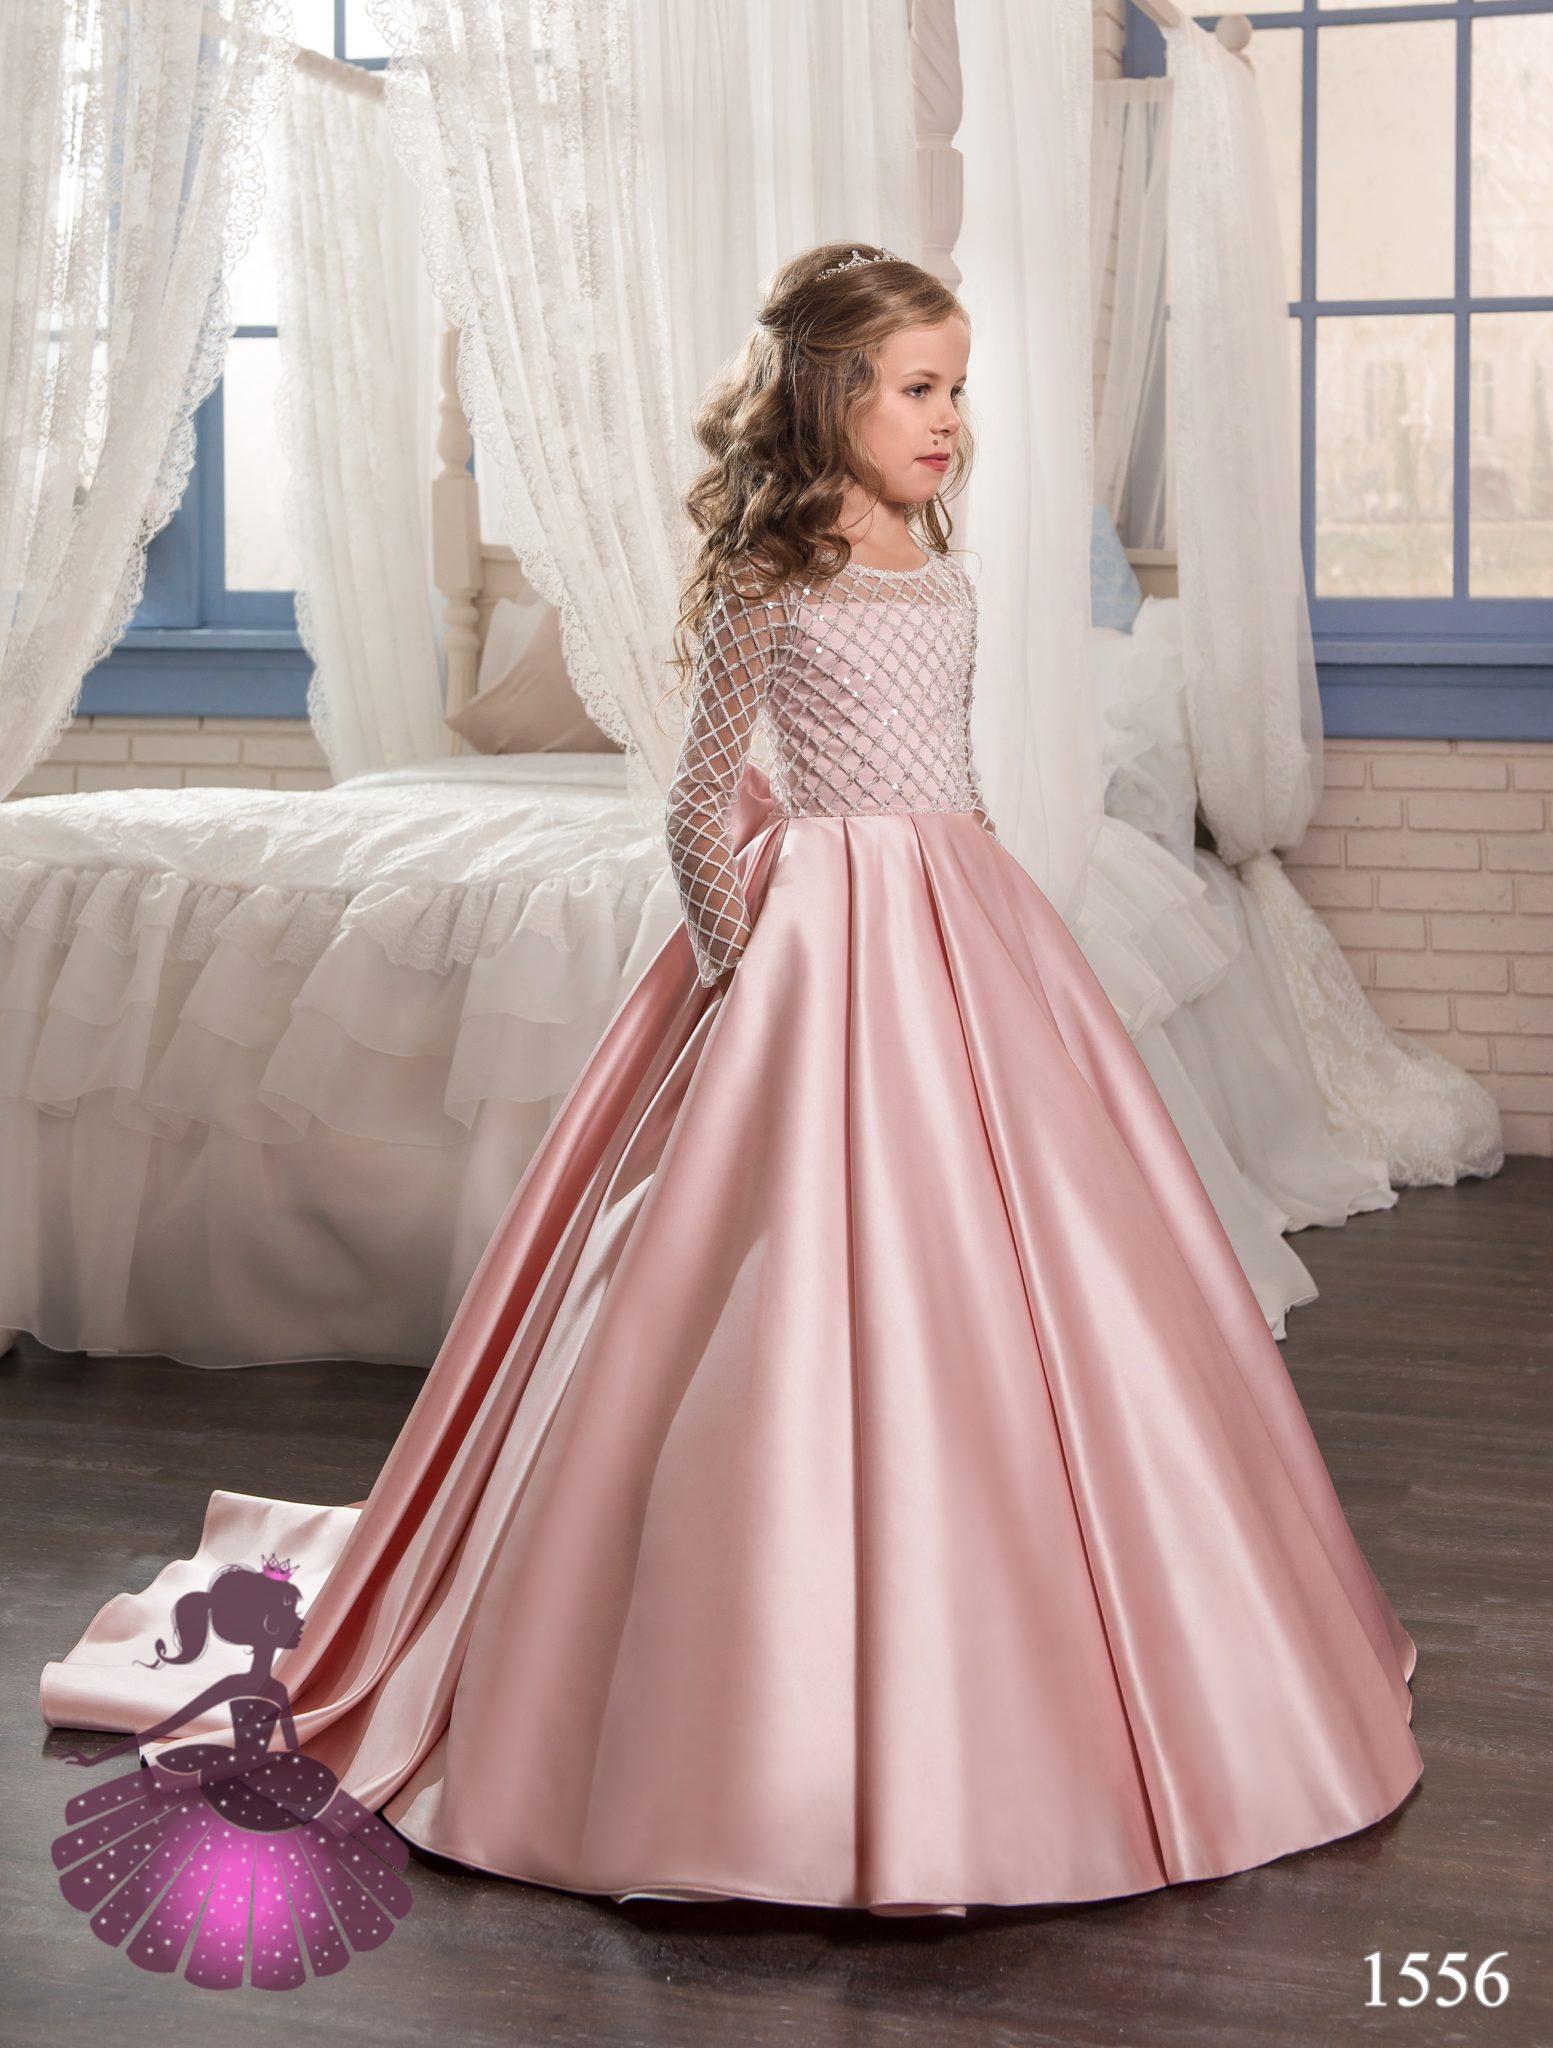 Аренда платьев Little queen dress в фотостудии Frontpage 1556 1